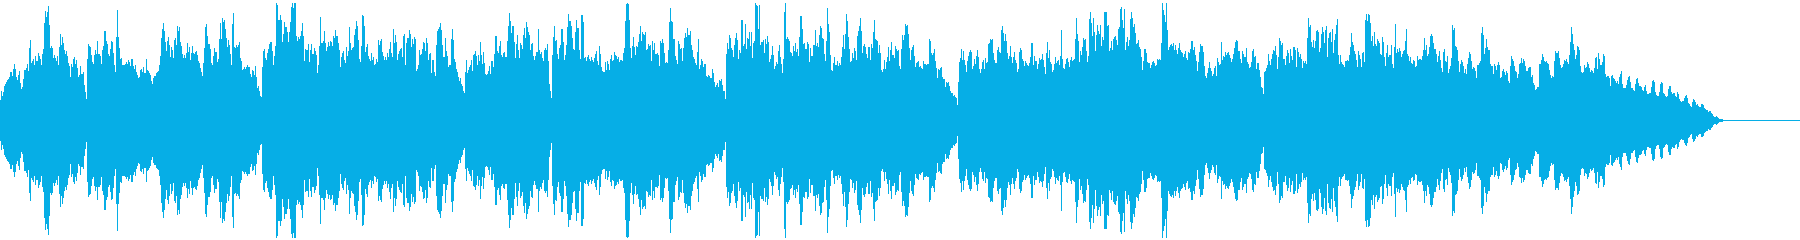 オーボエとピアノのどこかホッとするBGMの再生済みの波形